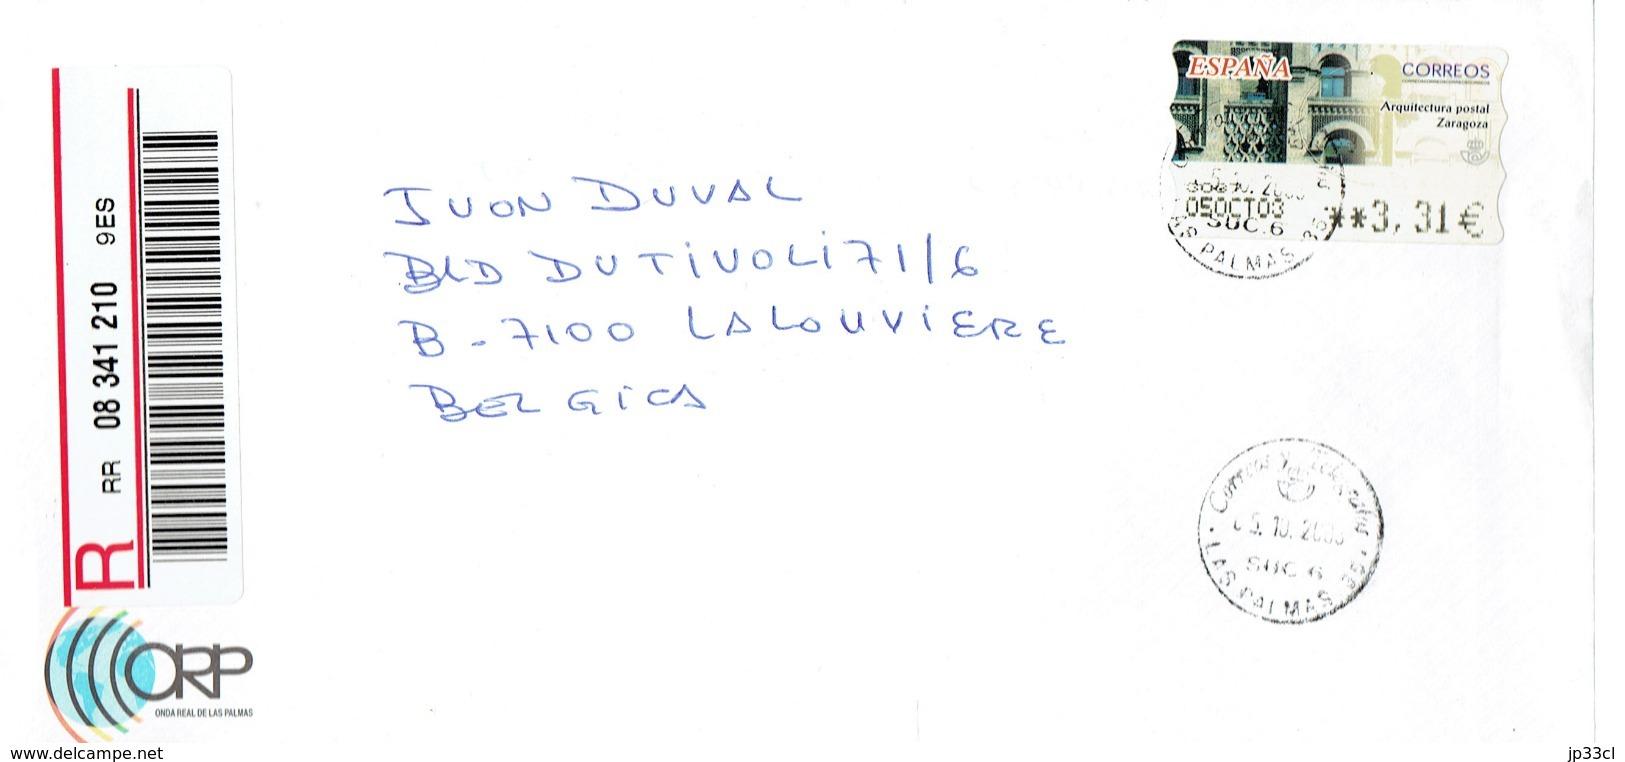 Carta Certificada (recommandé) De La Onda Real De Las Palmas A Belgica (5/10/2003) - Objets Dérivés